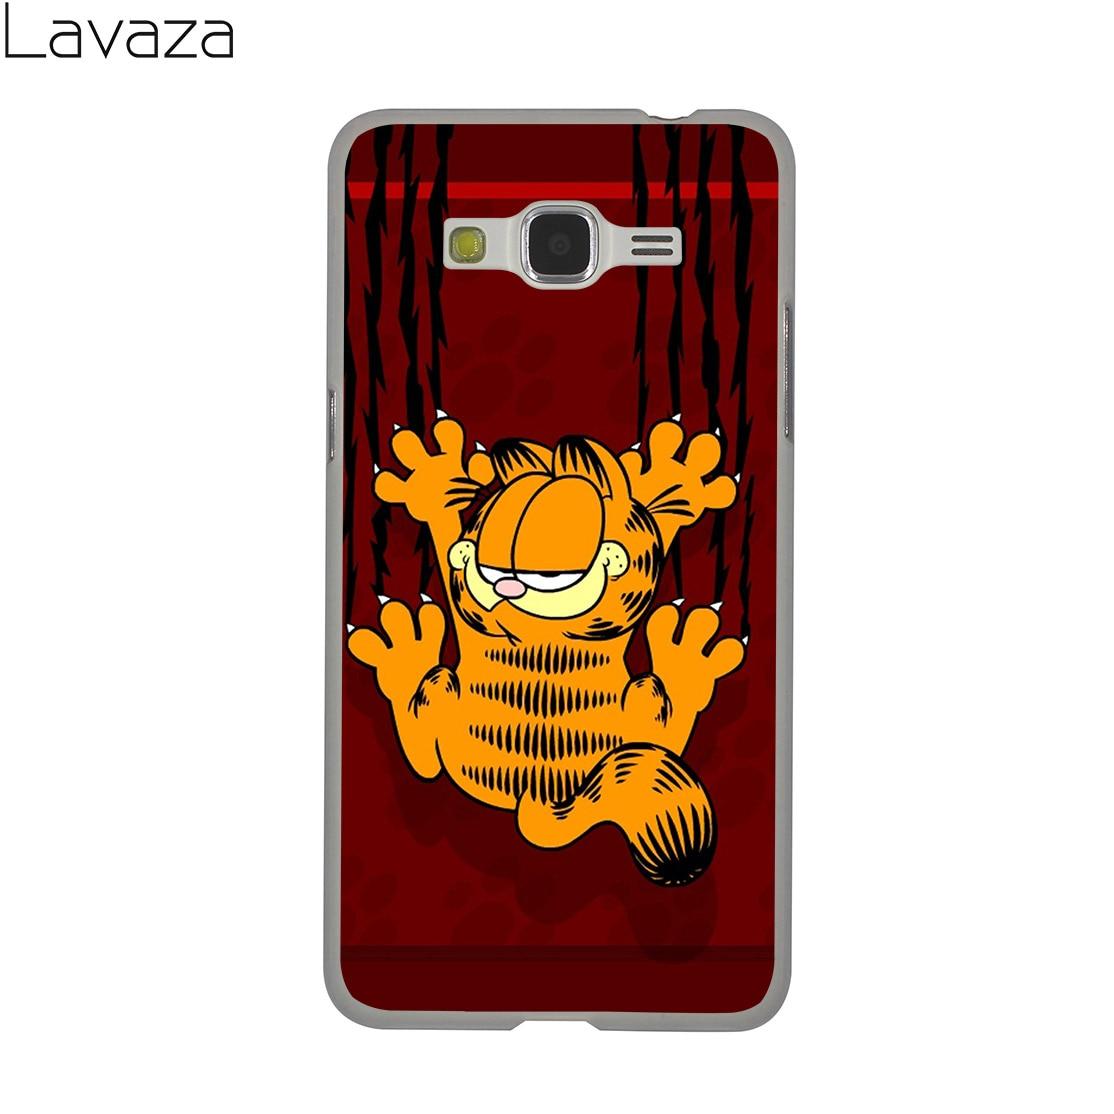 Samsung Galaxy Note üçün Lavaza şirin sevimli cizgi filmi - Cib telefonu aksesuarları və hissələri - Fotoqrafiya 3